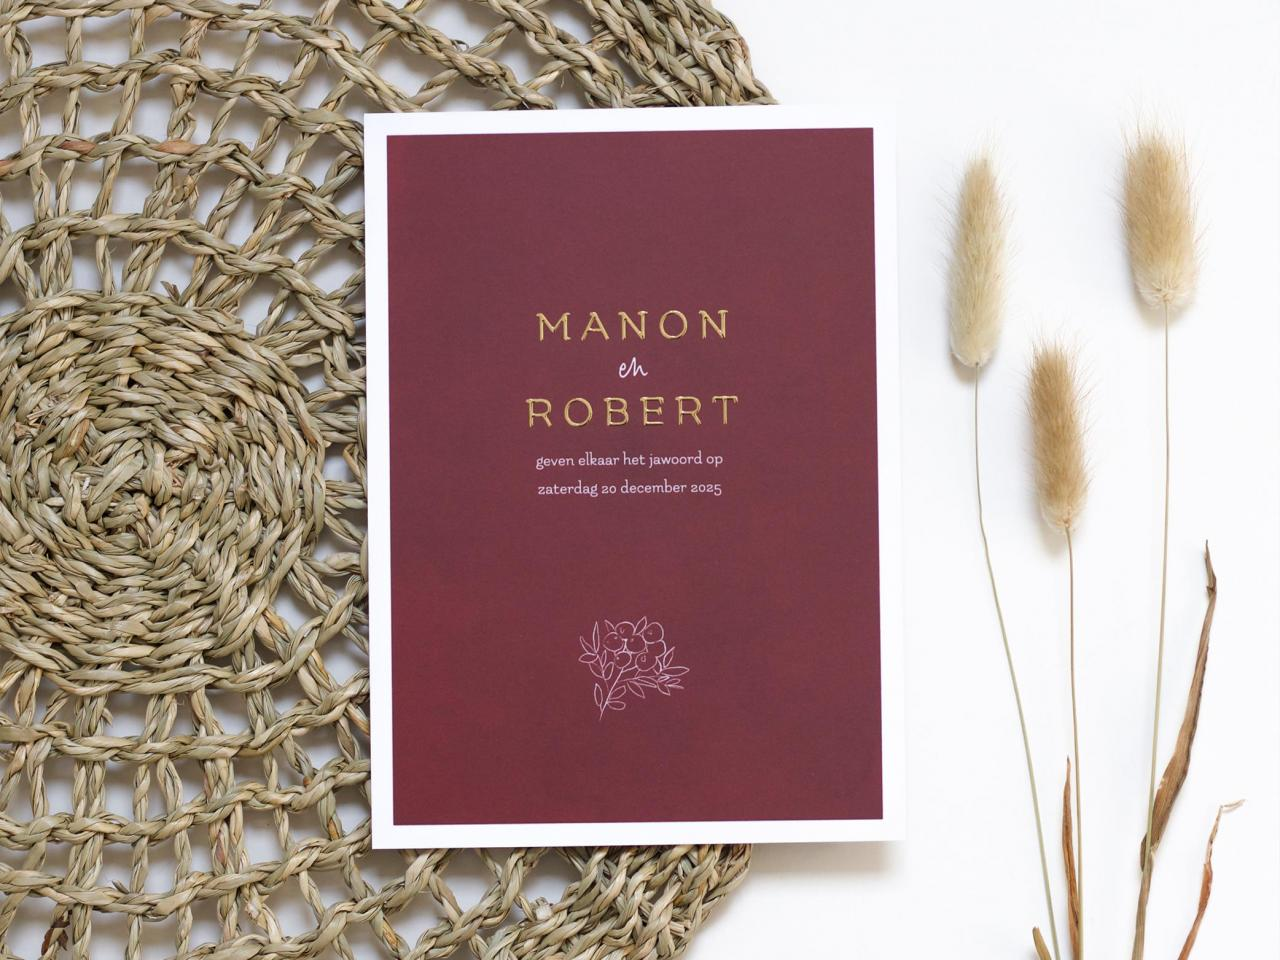 Rode trouwkaart met goudfolie en blaadje trouwkaart Stijlvol Origineel Romantisch Typografisch